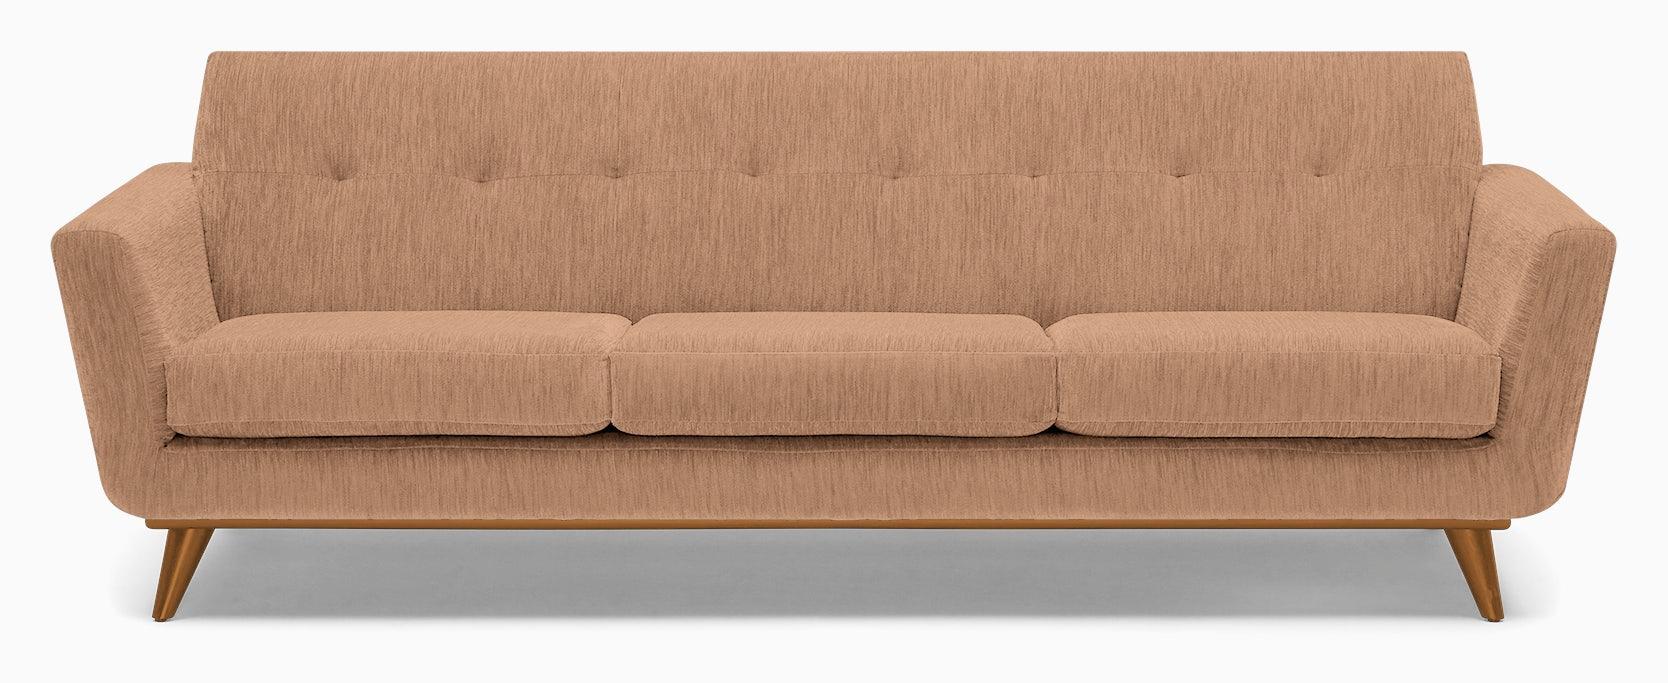 hughes grand sofa royale blush